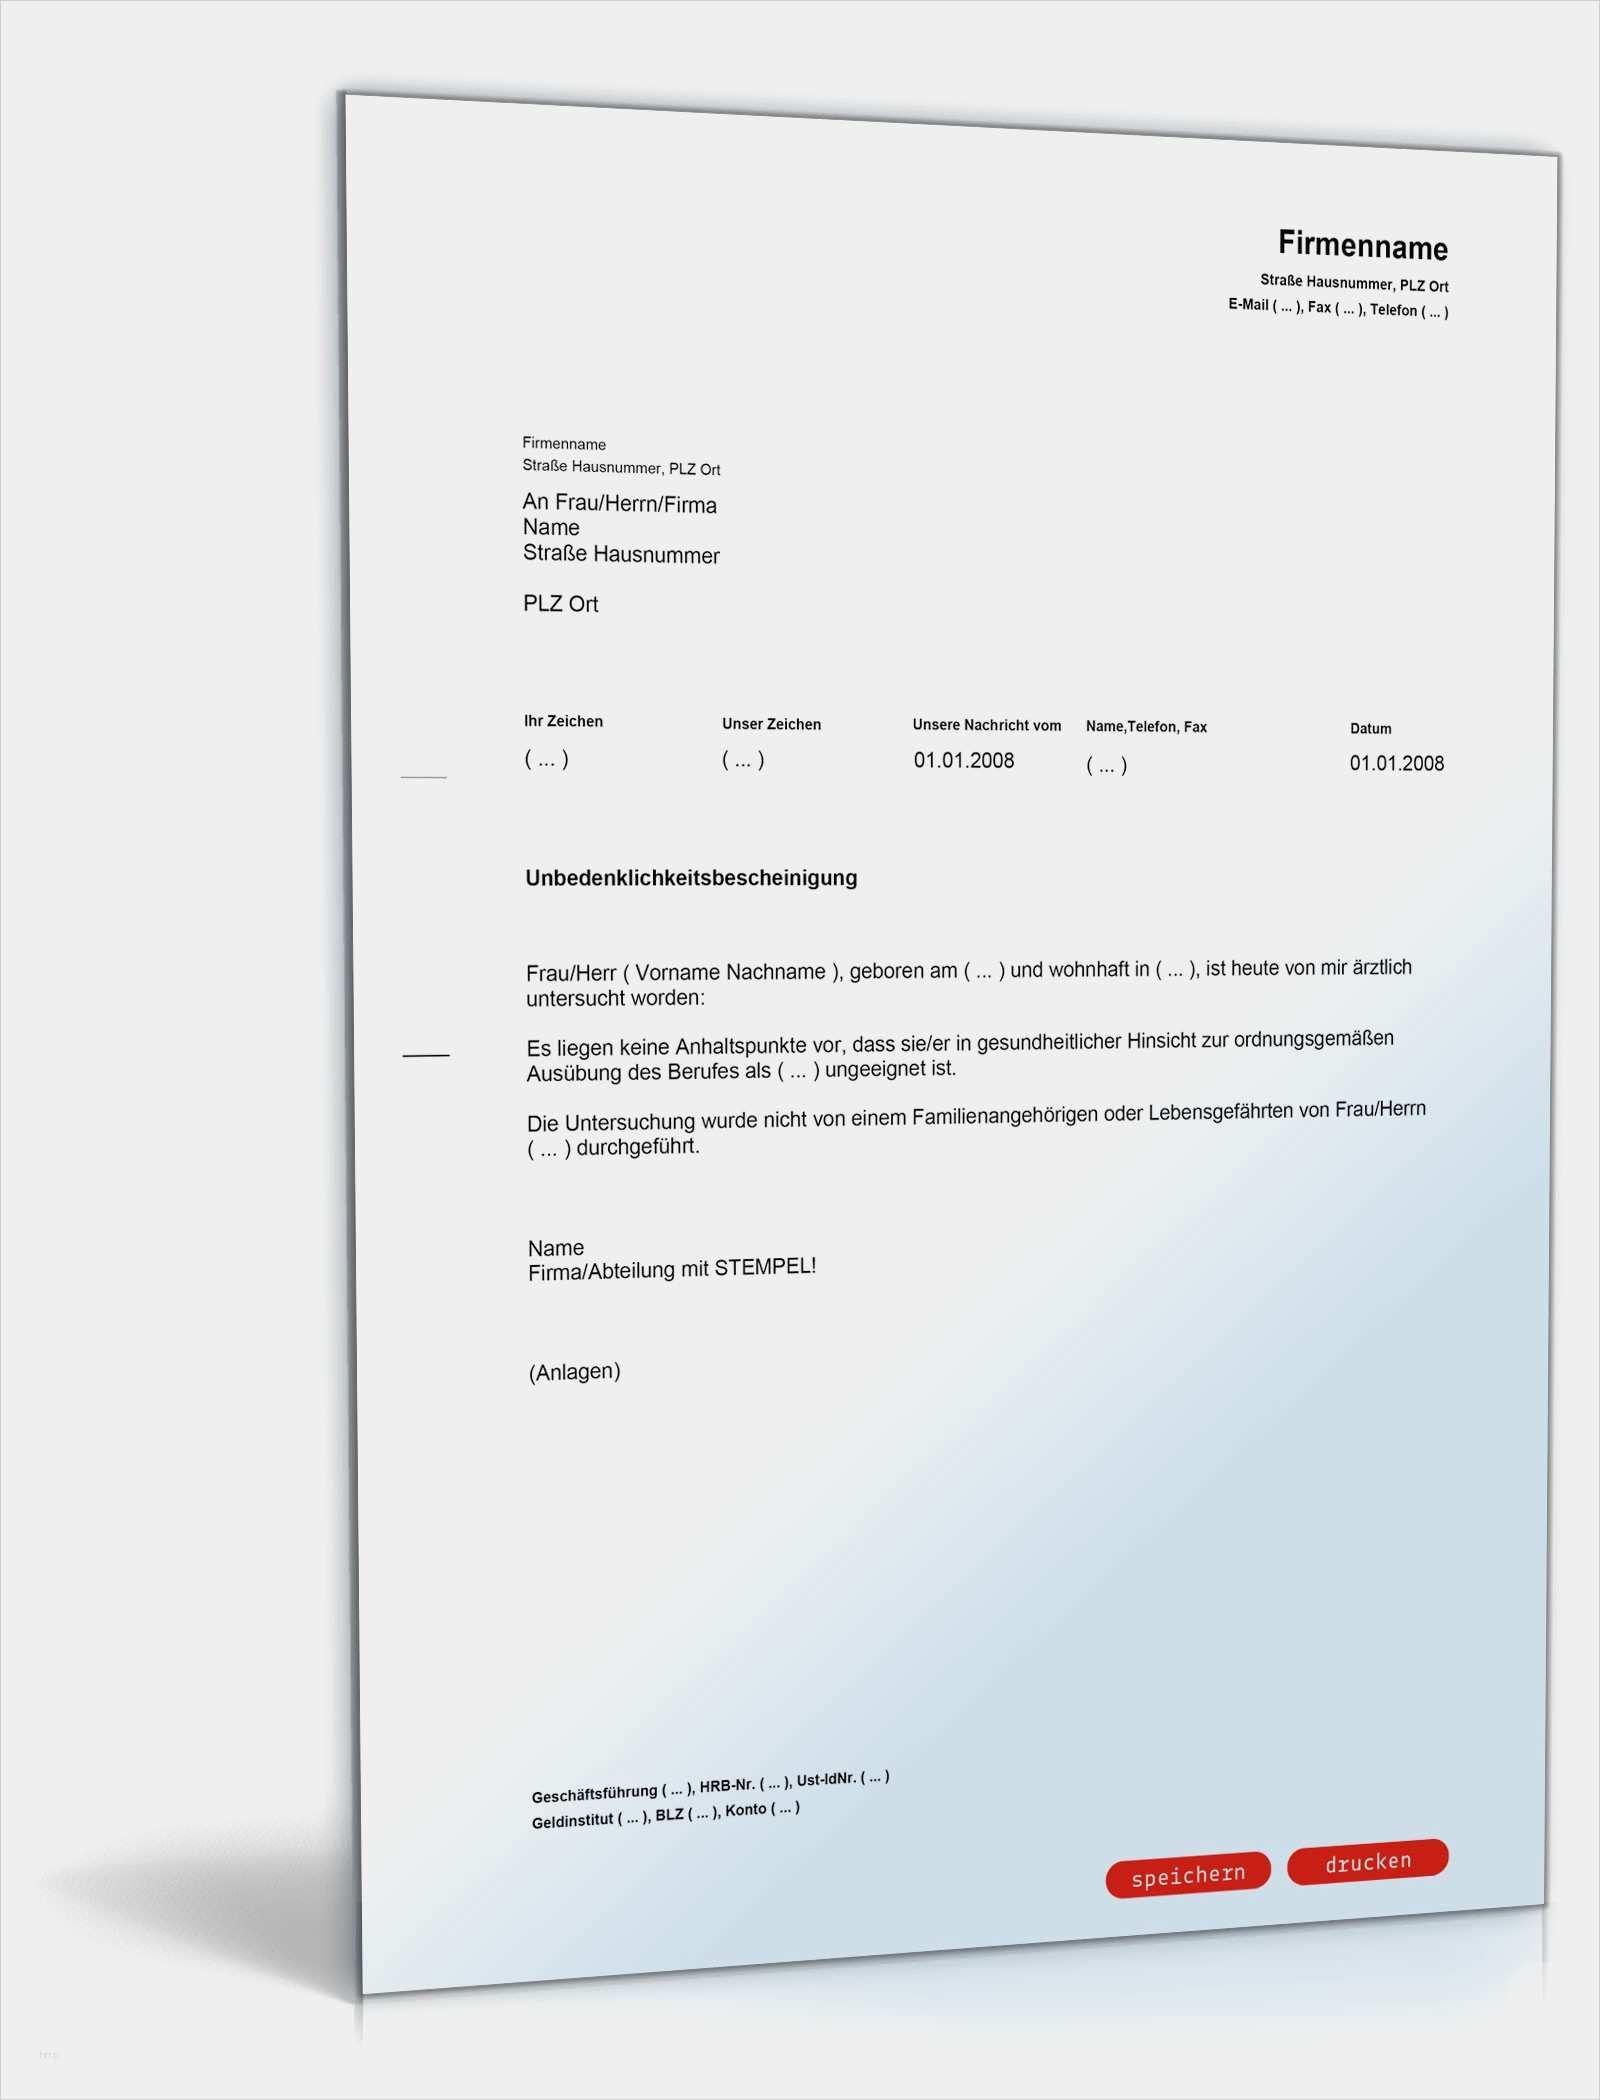 35 Best Of Arztliches Attest Vorlage Reiserucktritt Galerie In 2020 Vorlagen Word Vorlagen Offizieller Brief